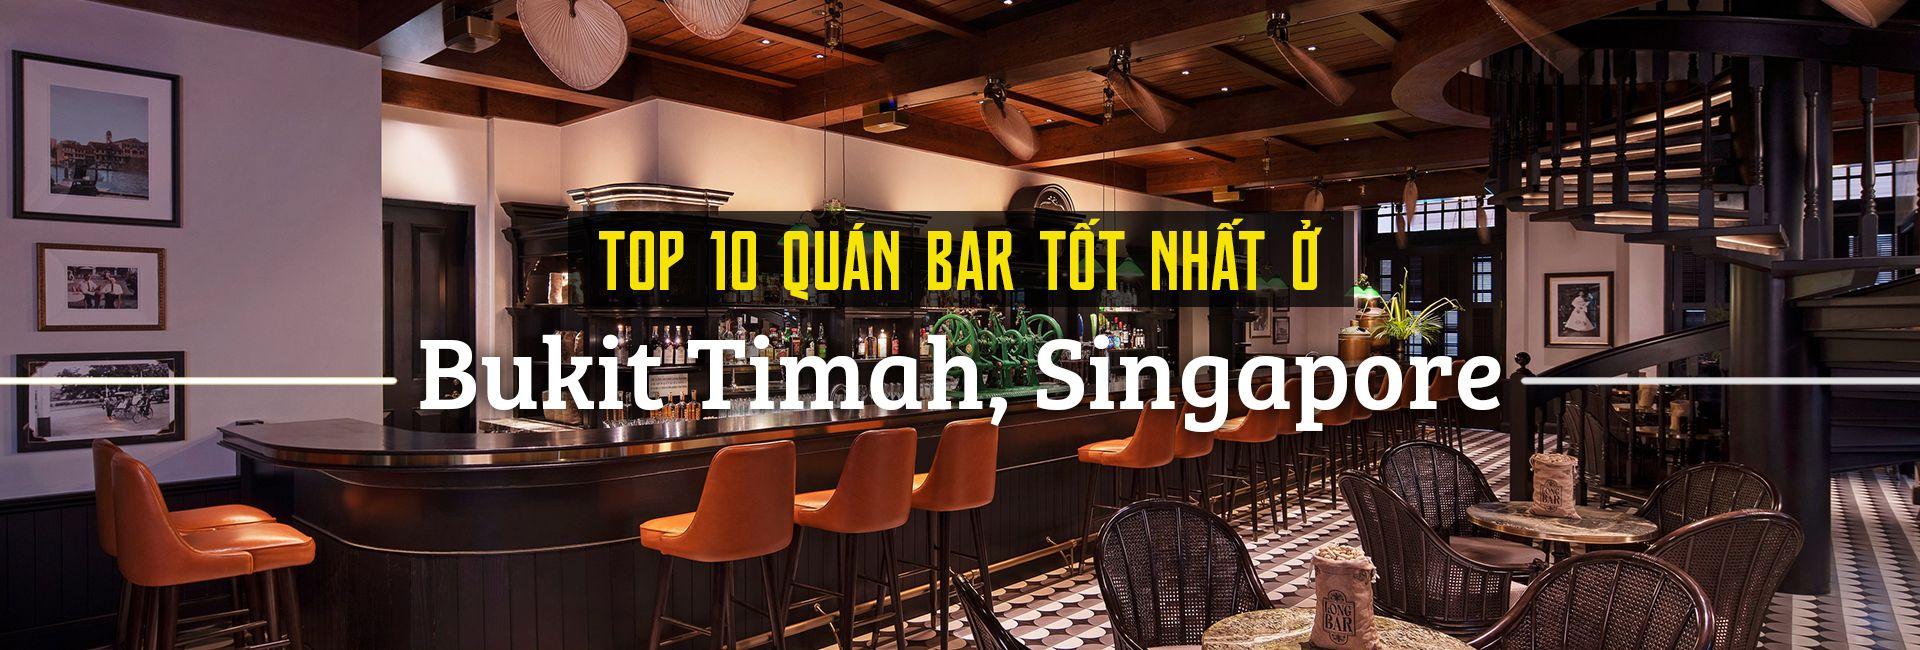 Top 10 quán bar sôi động khu Bukit Timah, Singapore